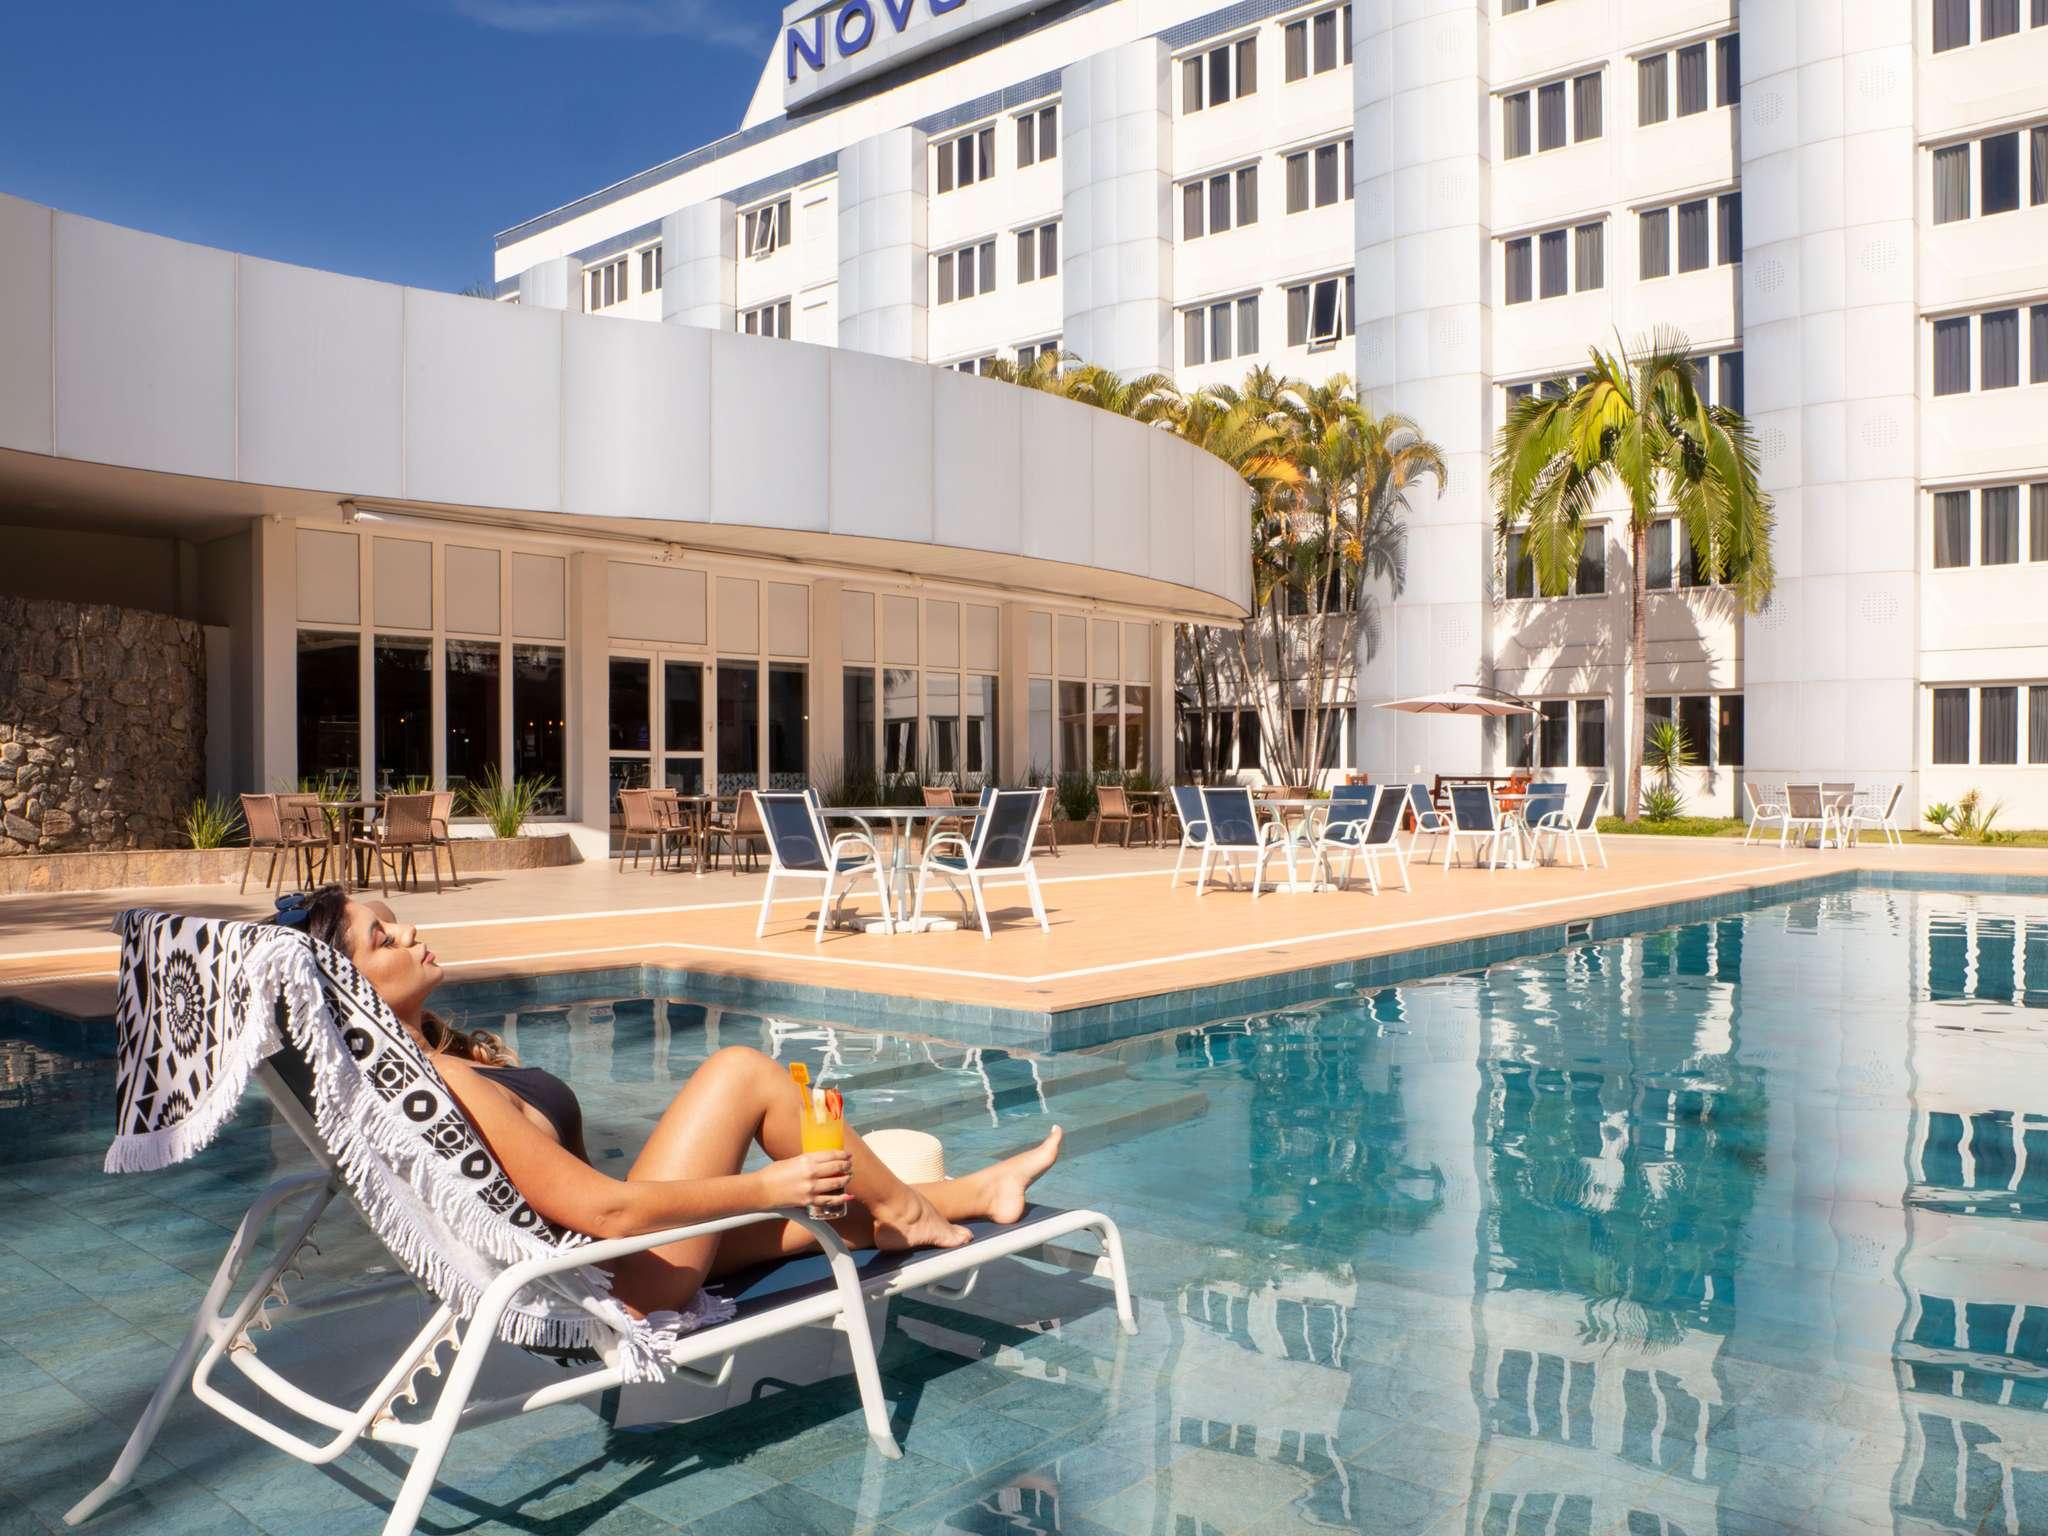 Hotell – Novotel São José dos Campos